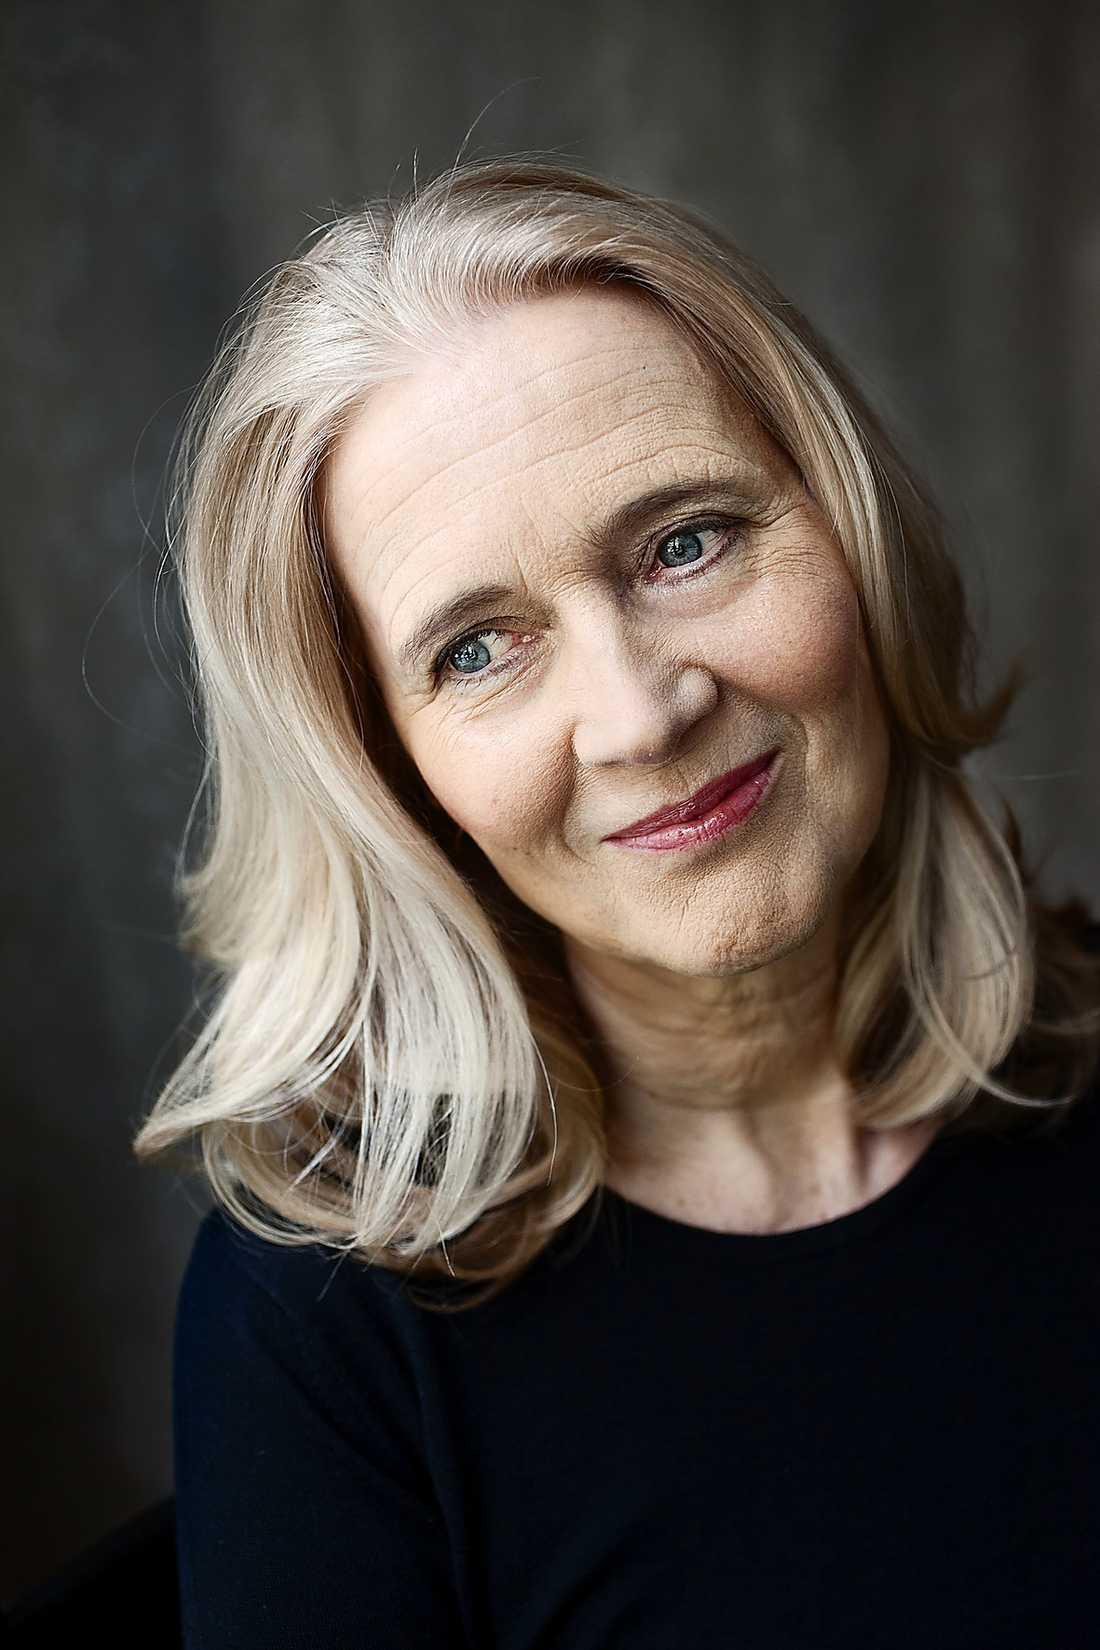 Katarina Frostenson är född i Stockholm 1953. Hon är ledamot i Svenska Akademien sedan 1992.